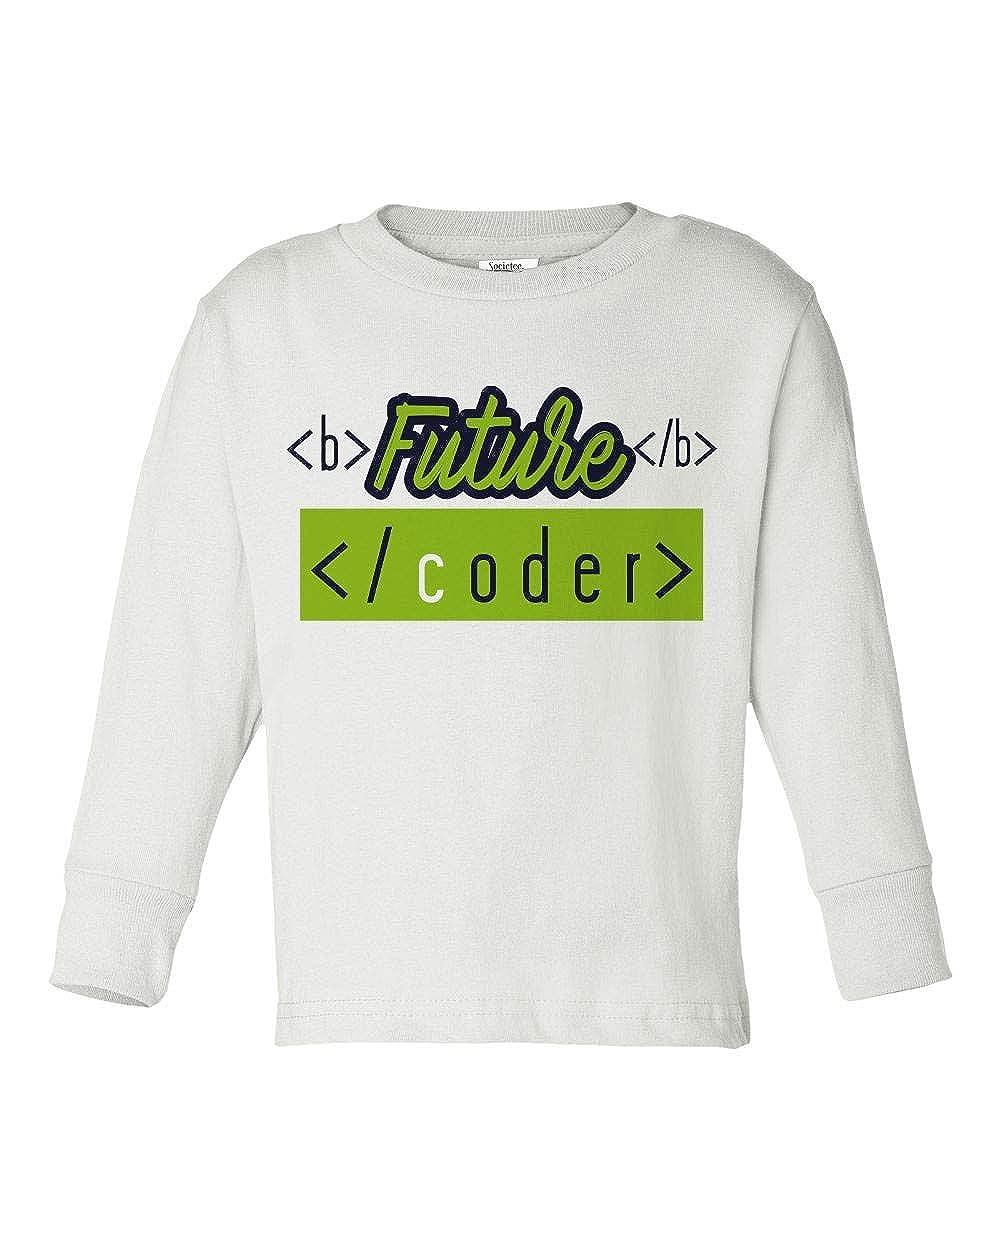 Nerd Girls /& Toddler Long sleeve t Shirt